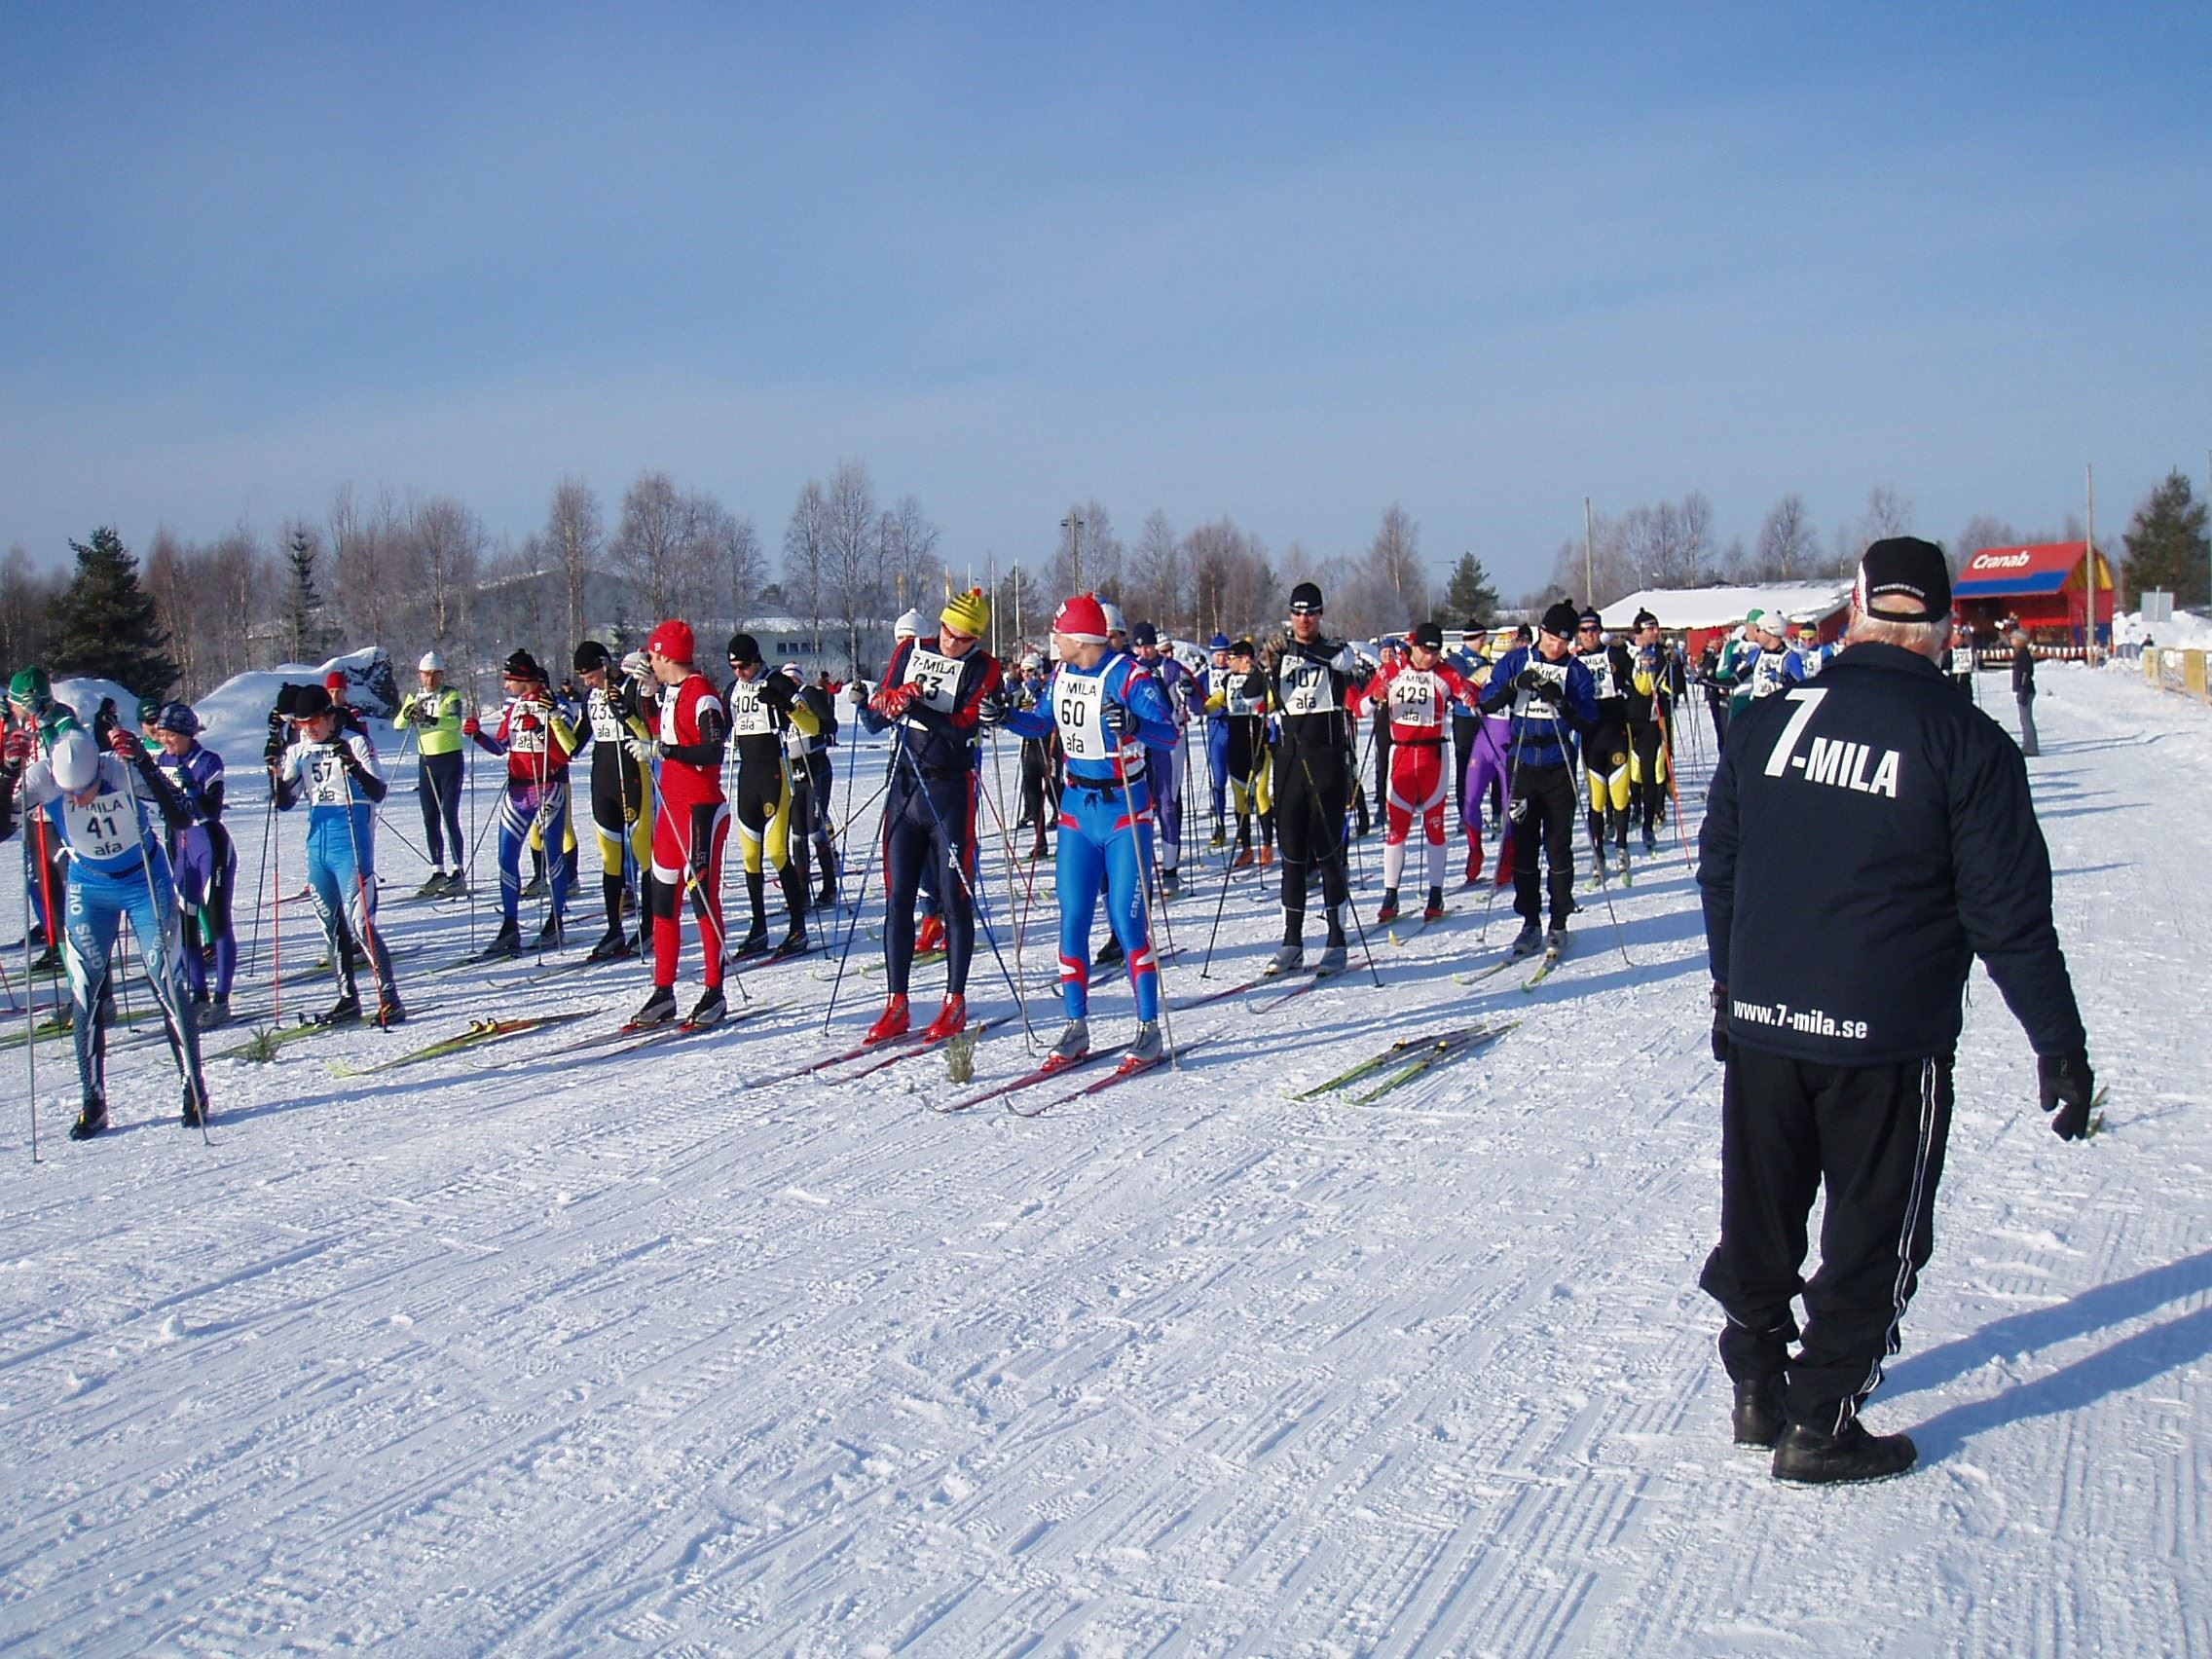 Västerbotten's Ski Festival – 70-km race (copy)